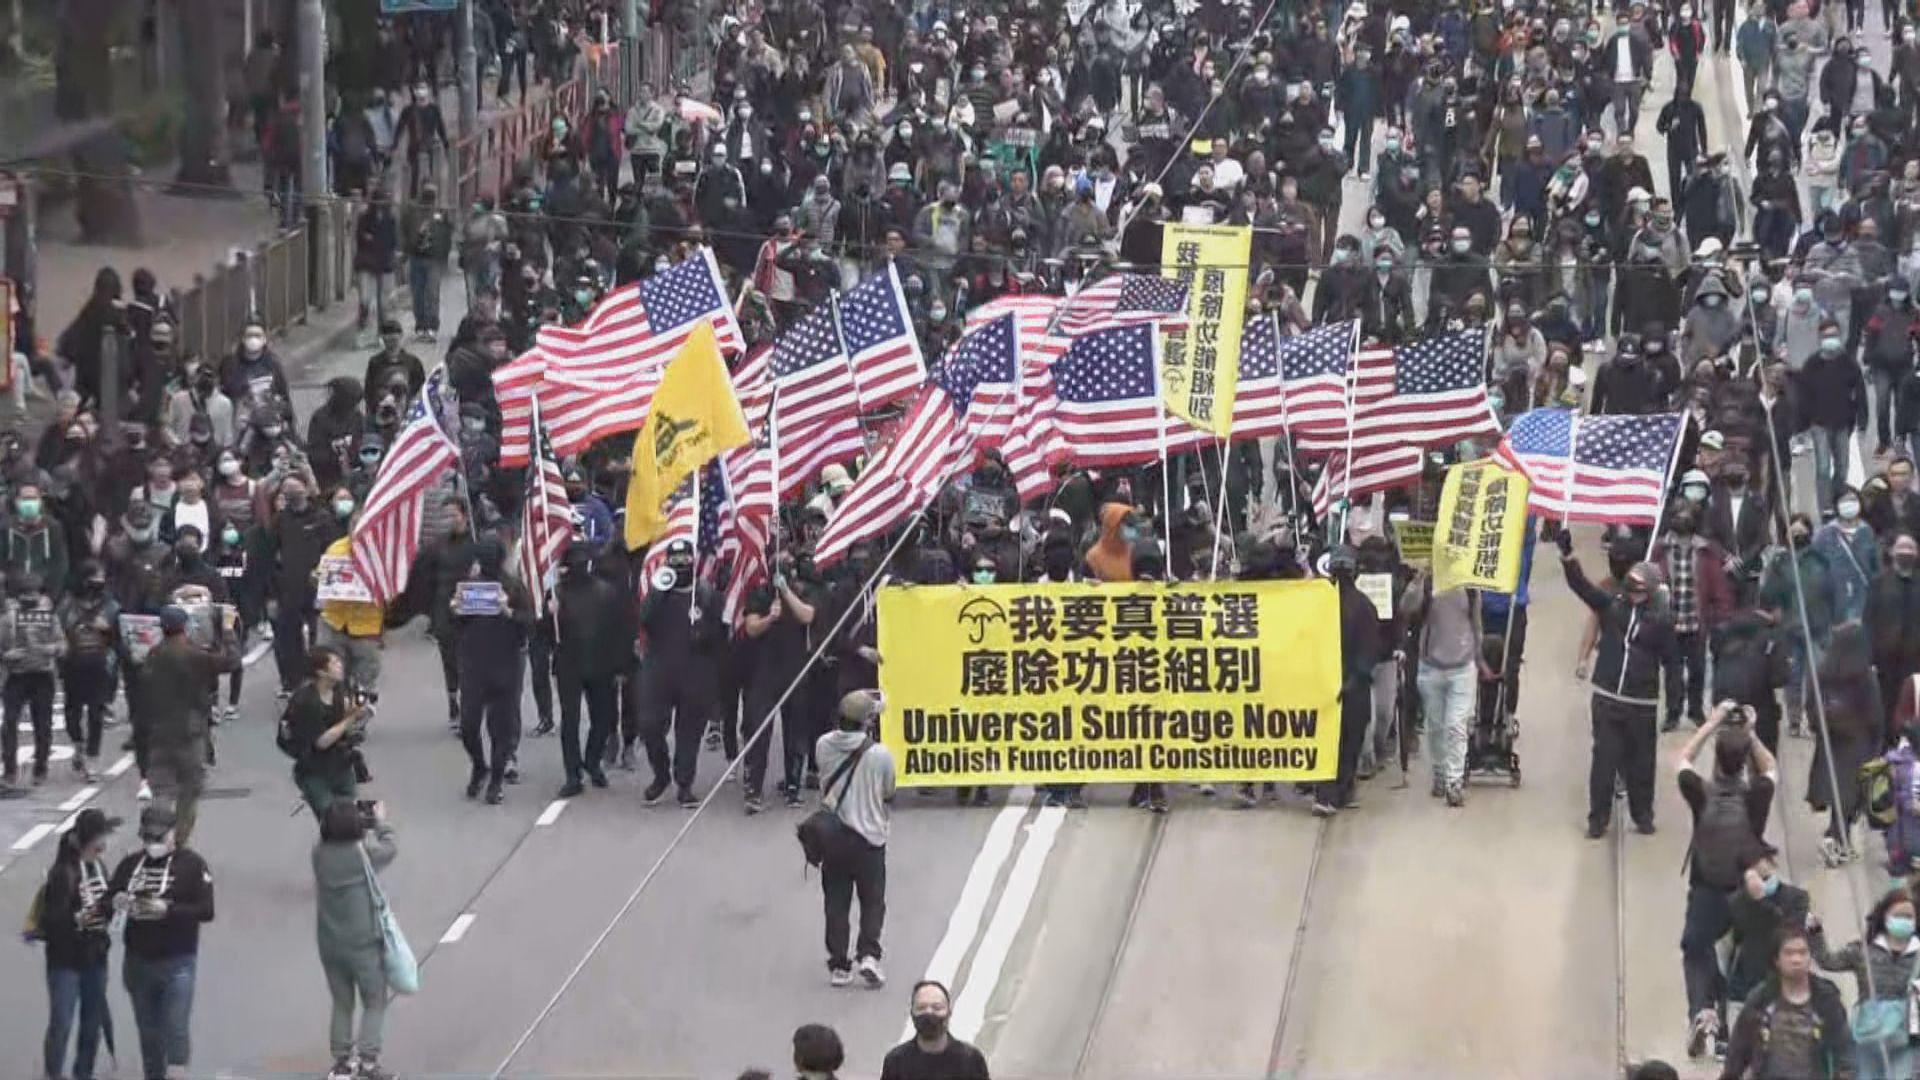 民陣元旦遊行 遊行人士盼令世界關注香港